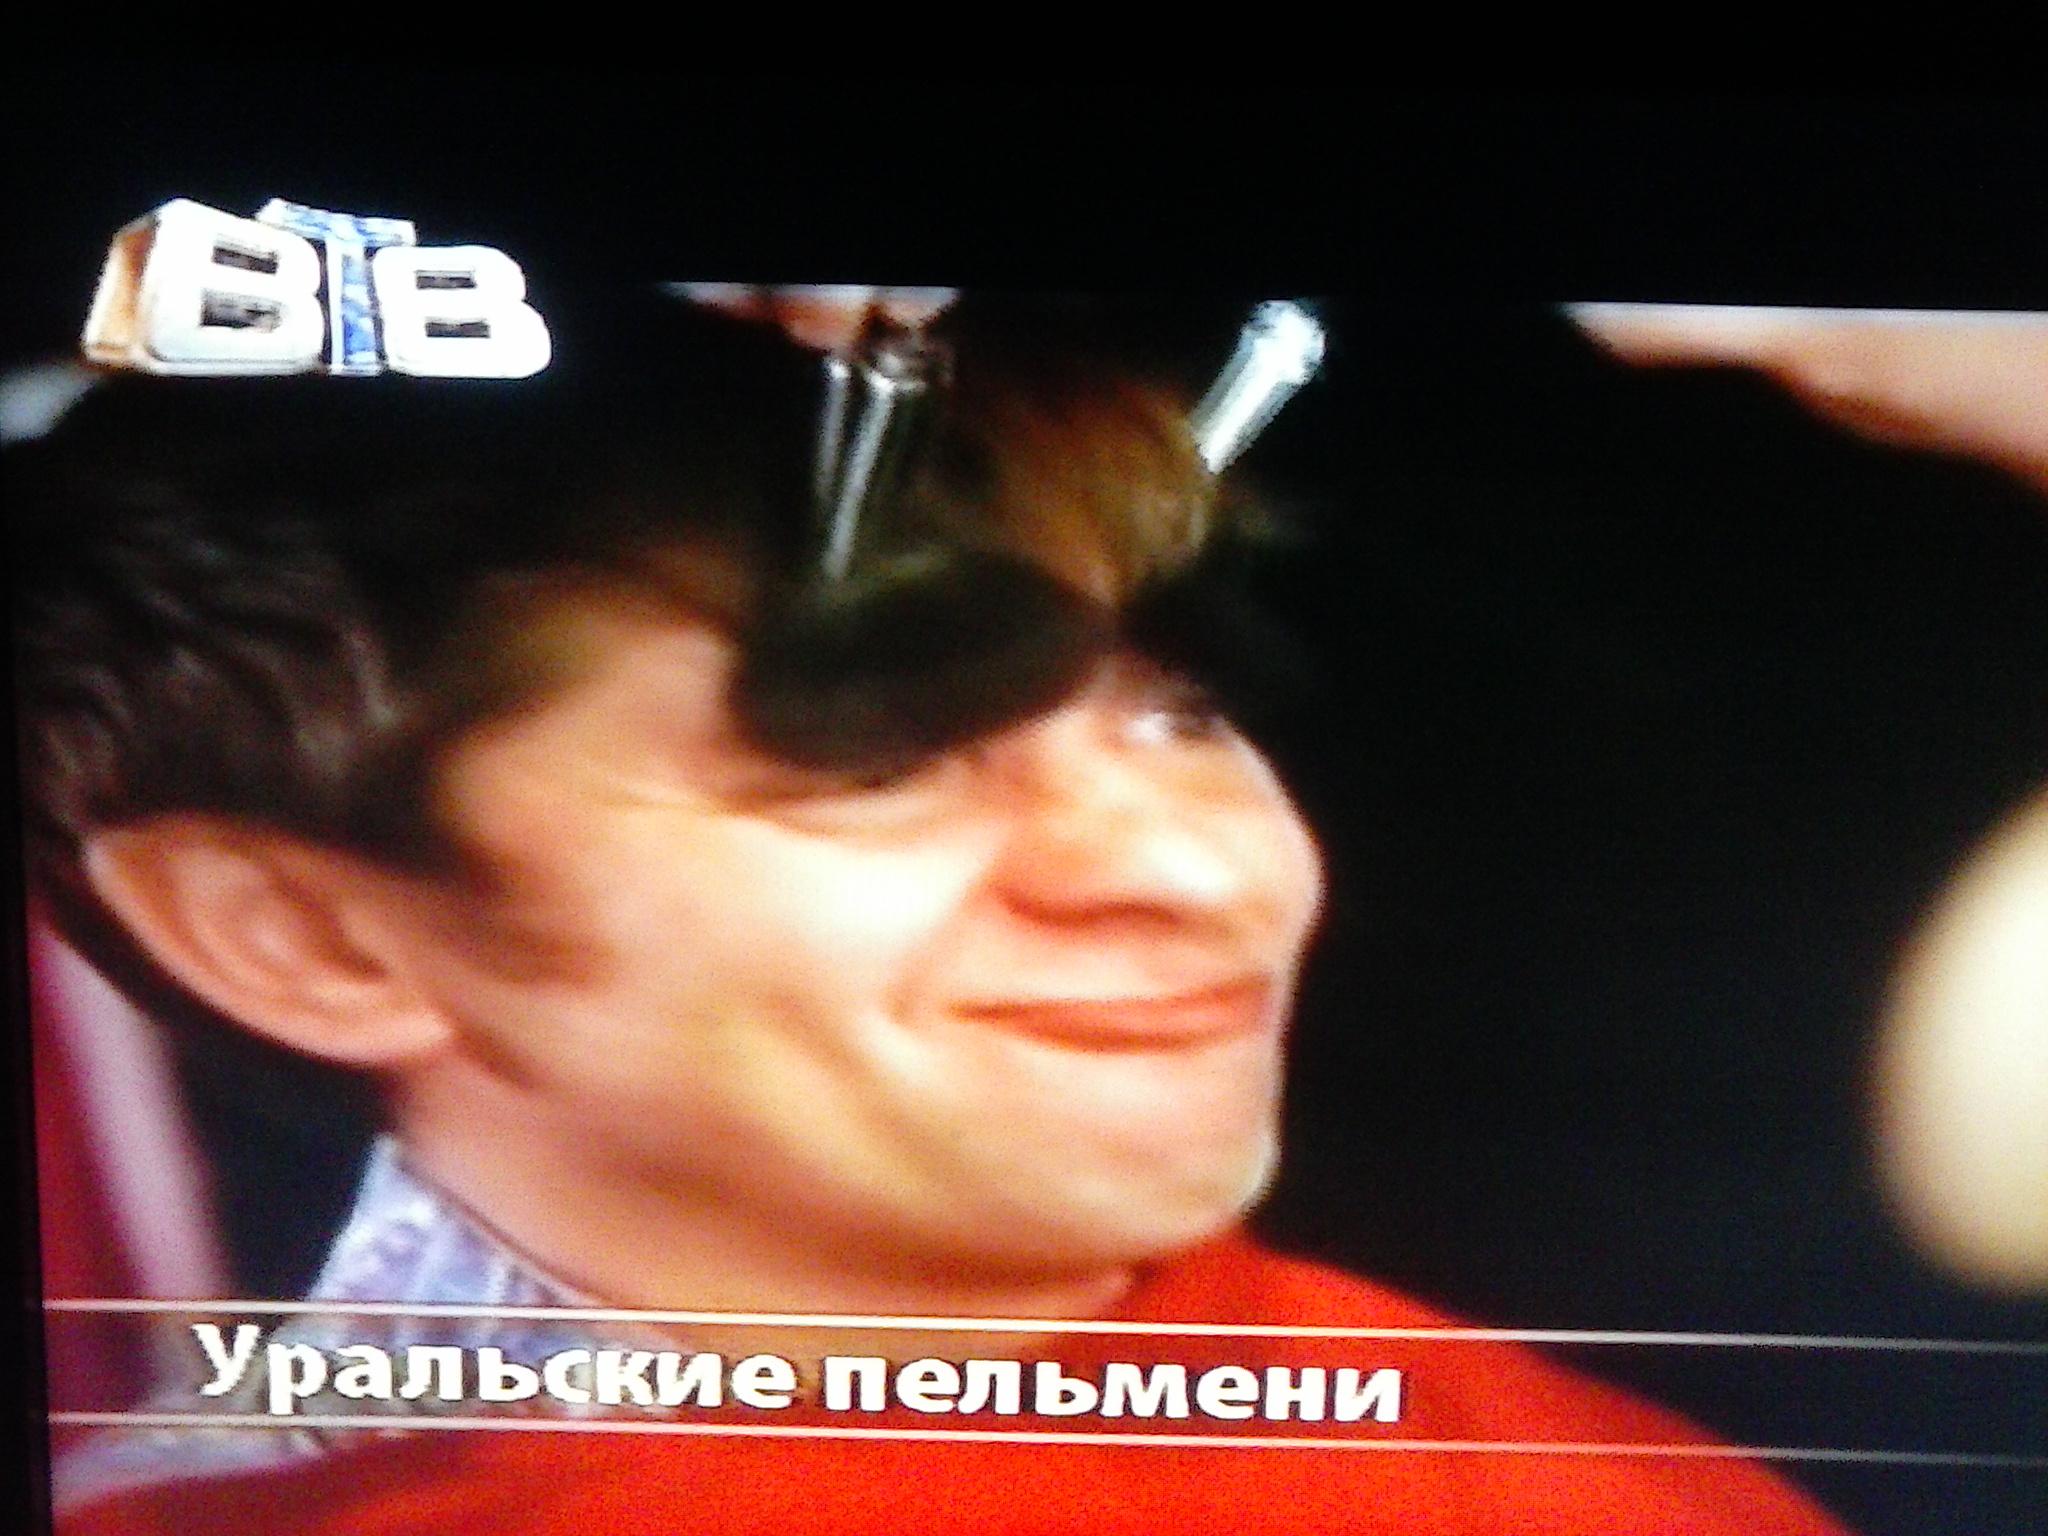 Уральские пельмени ВТВ-СТС